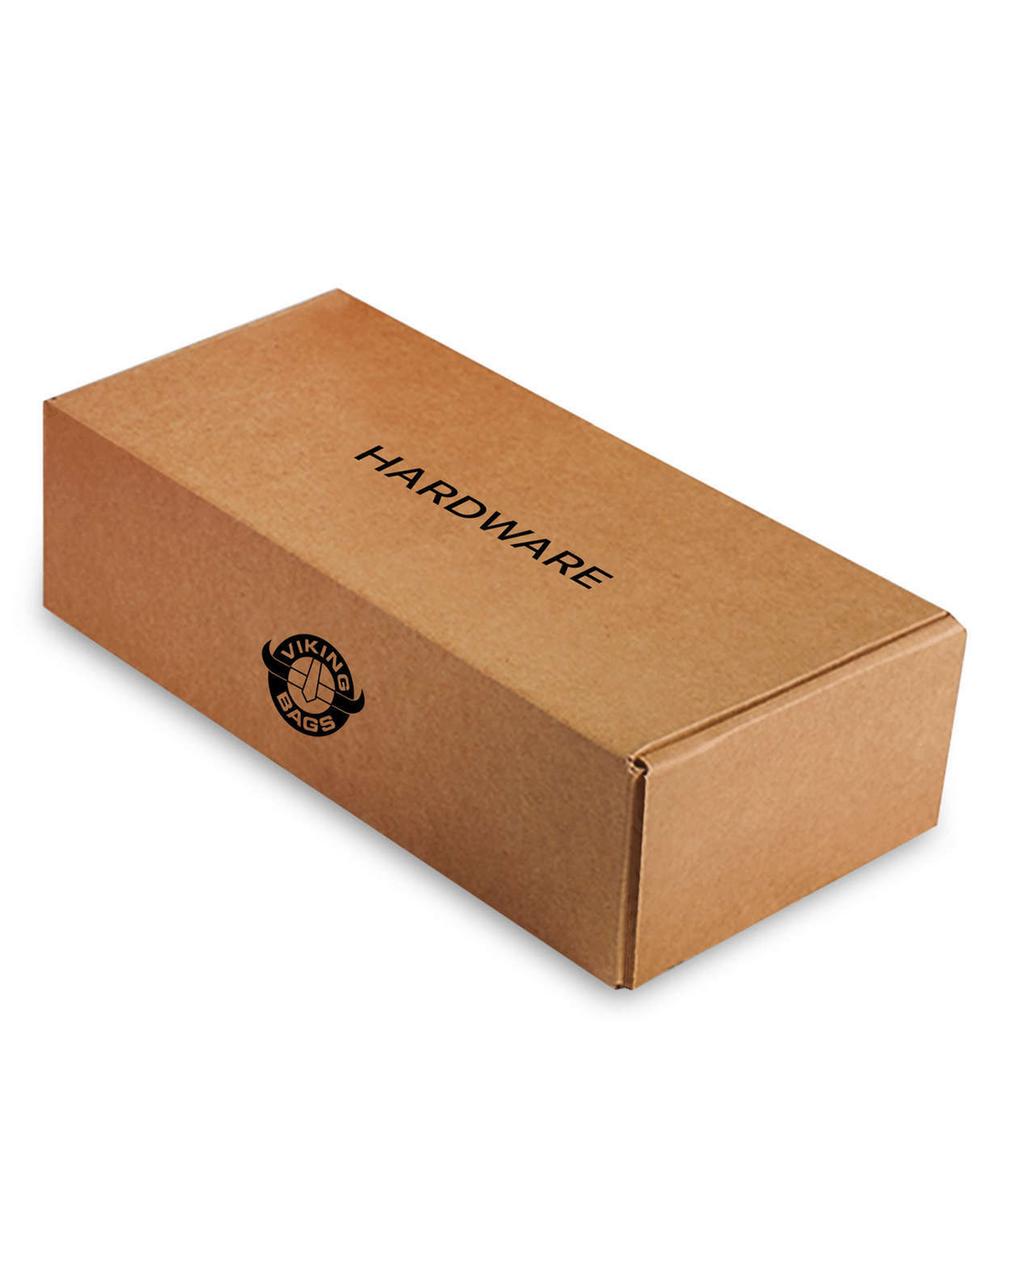 Honda VTX 1300 C Medium SS Slanted Studded Motorcycle Saddlebags Hardware Box